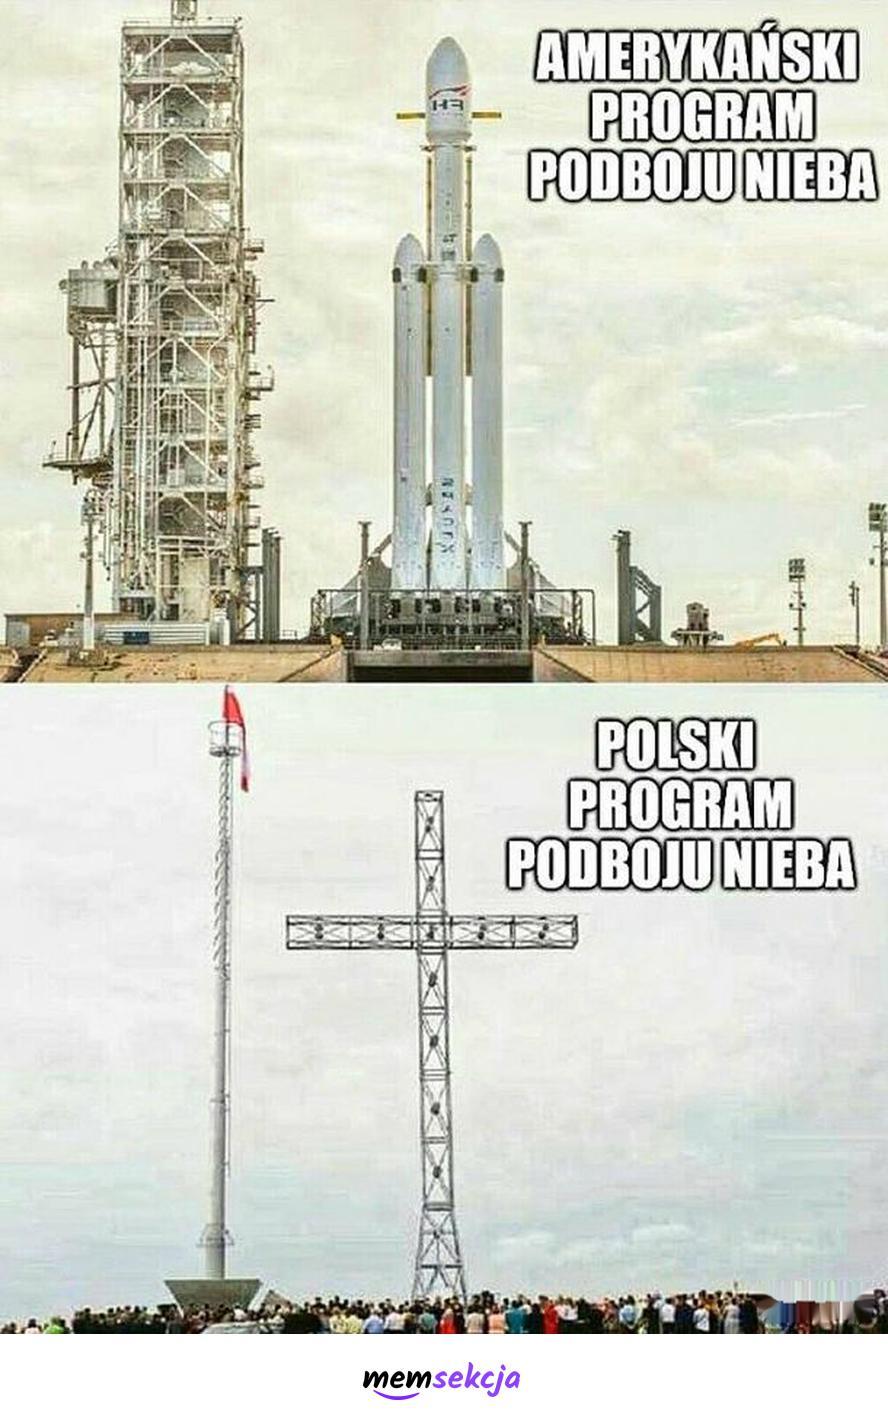 Polski program podboju nieba. Śmieszne. Niebo. Kosmos. Krzyż. Rakiety